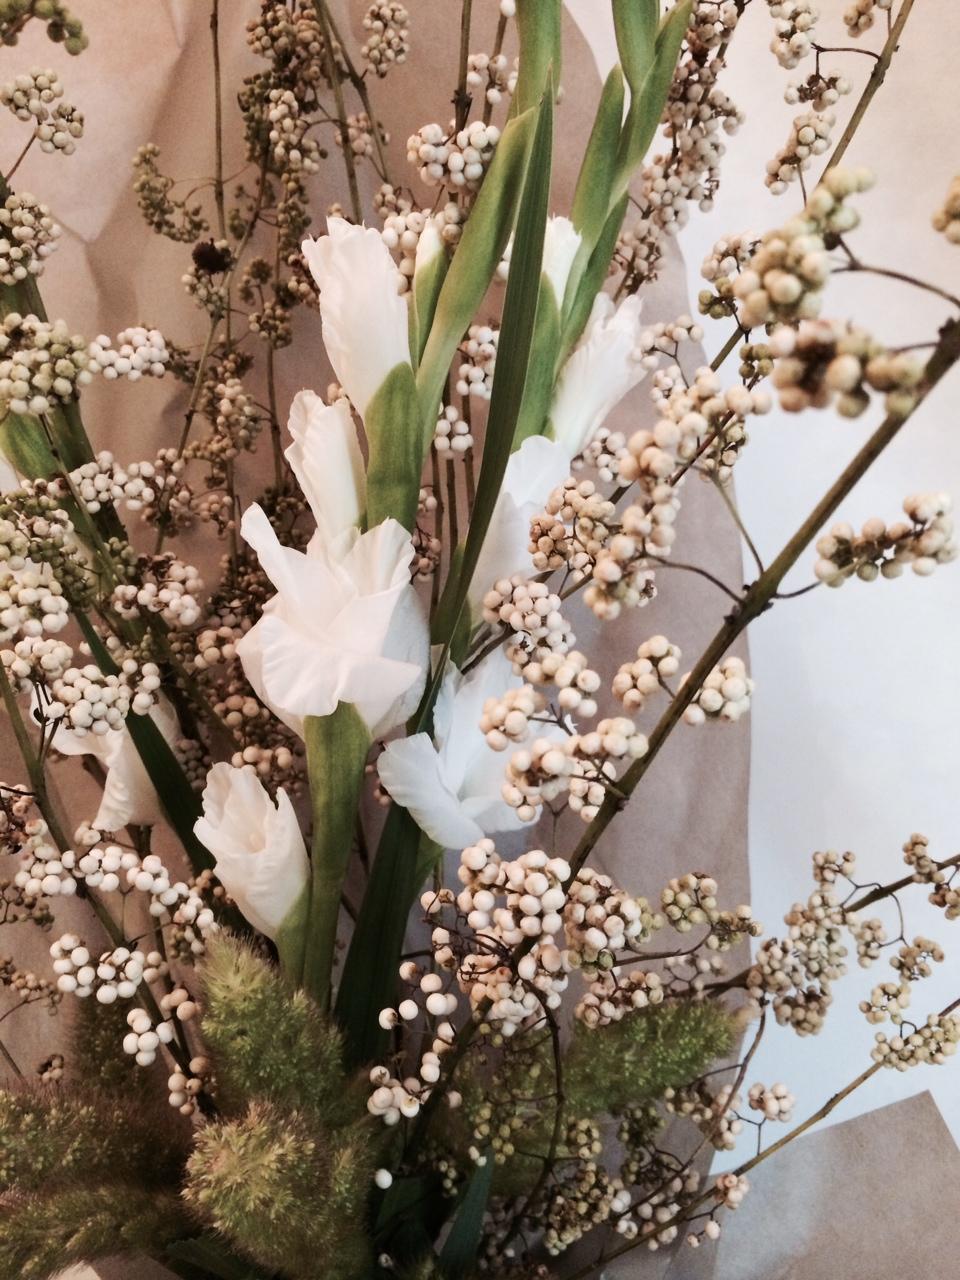 flowers_js.JPG